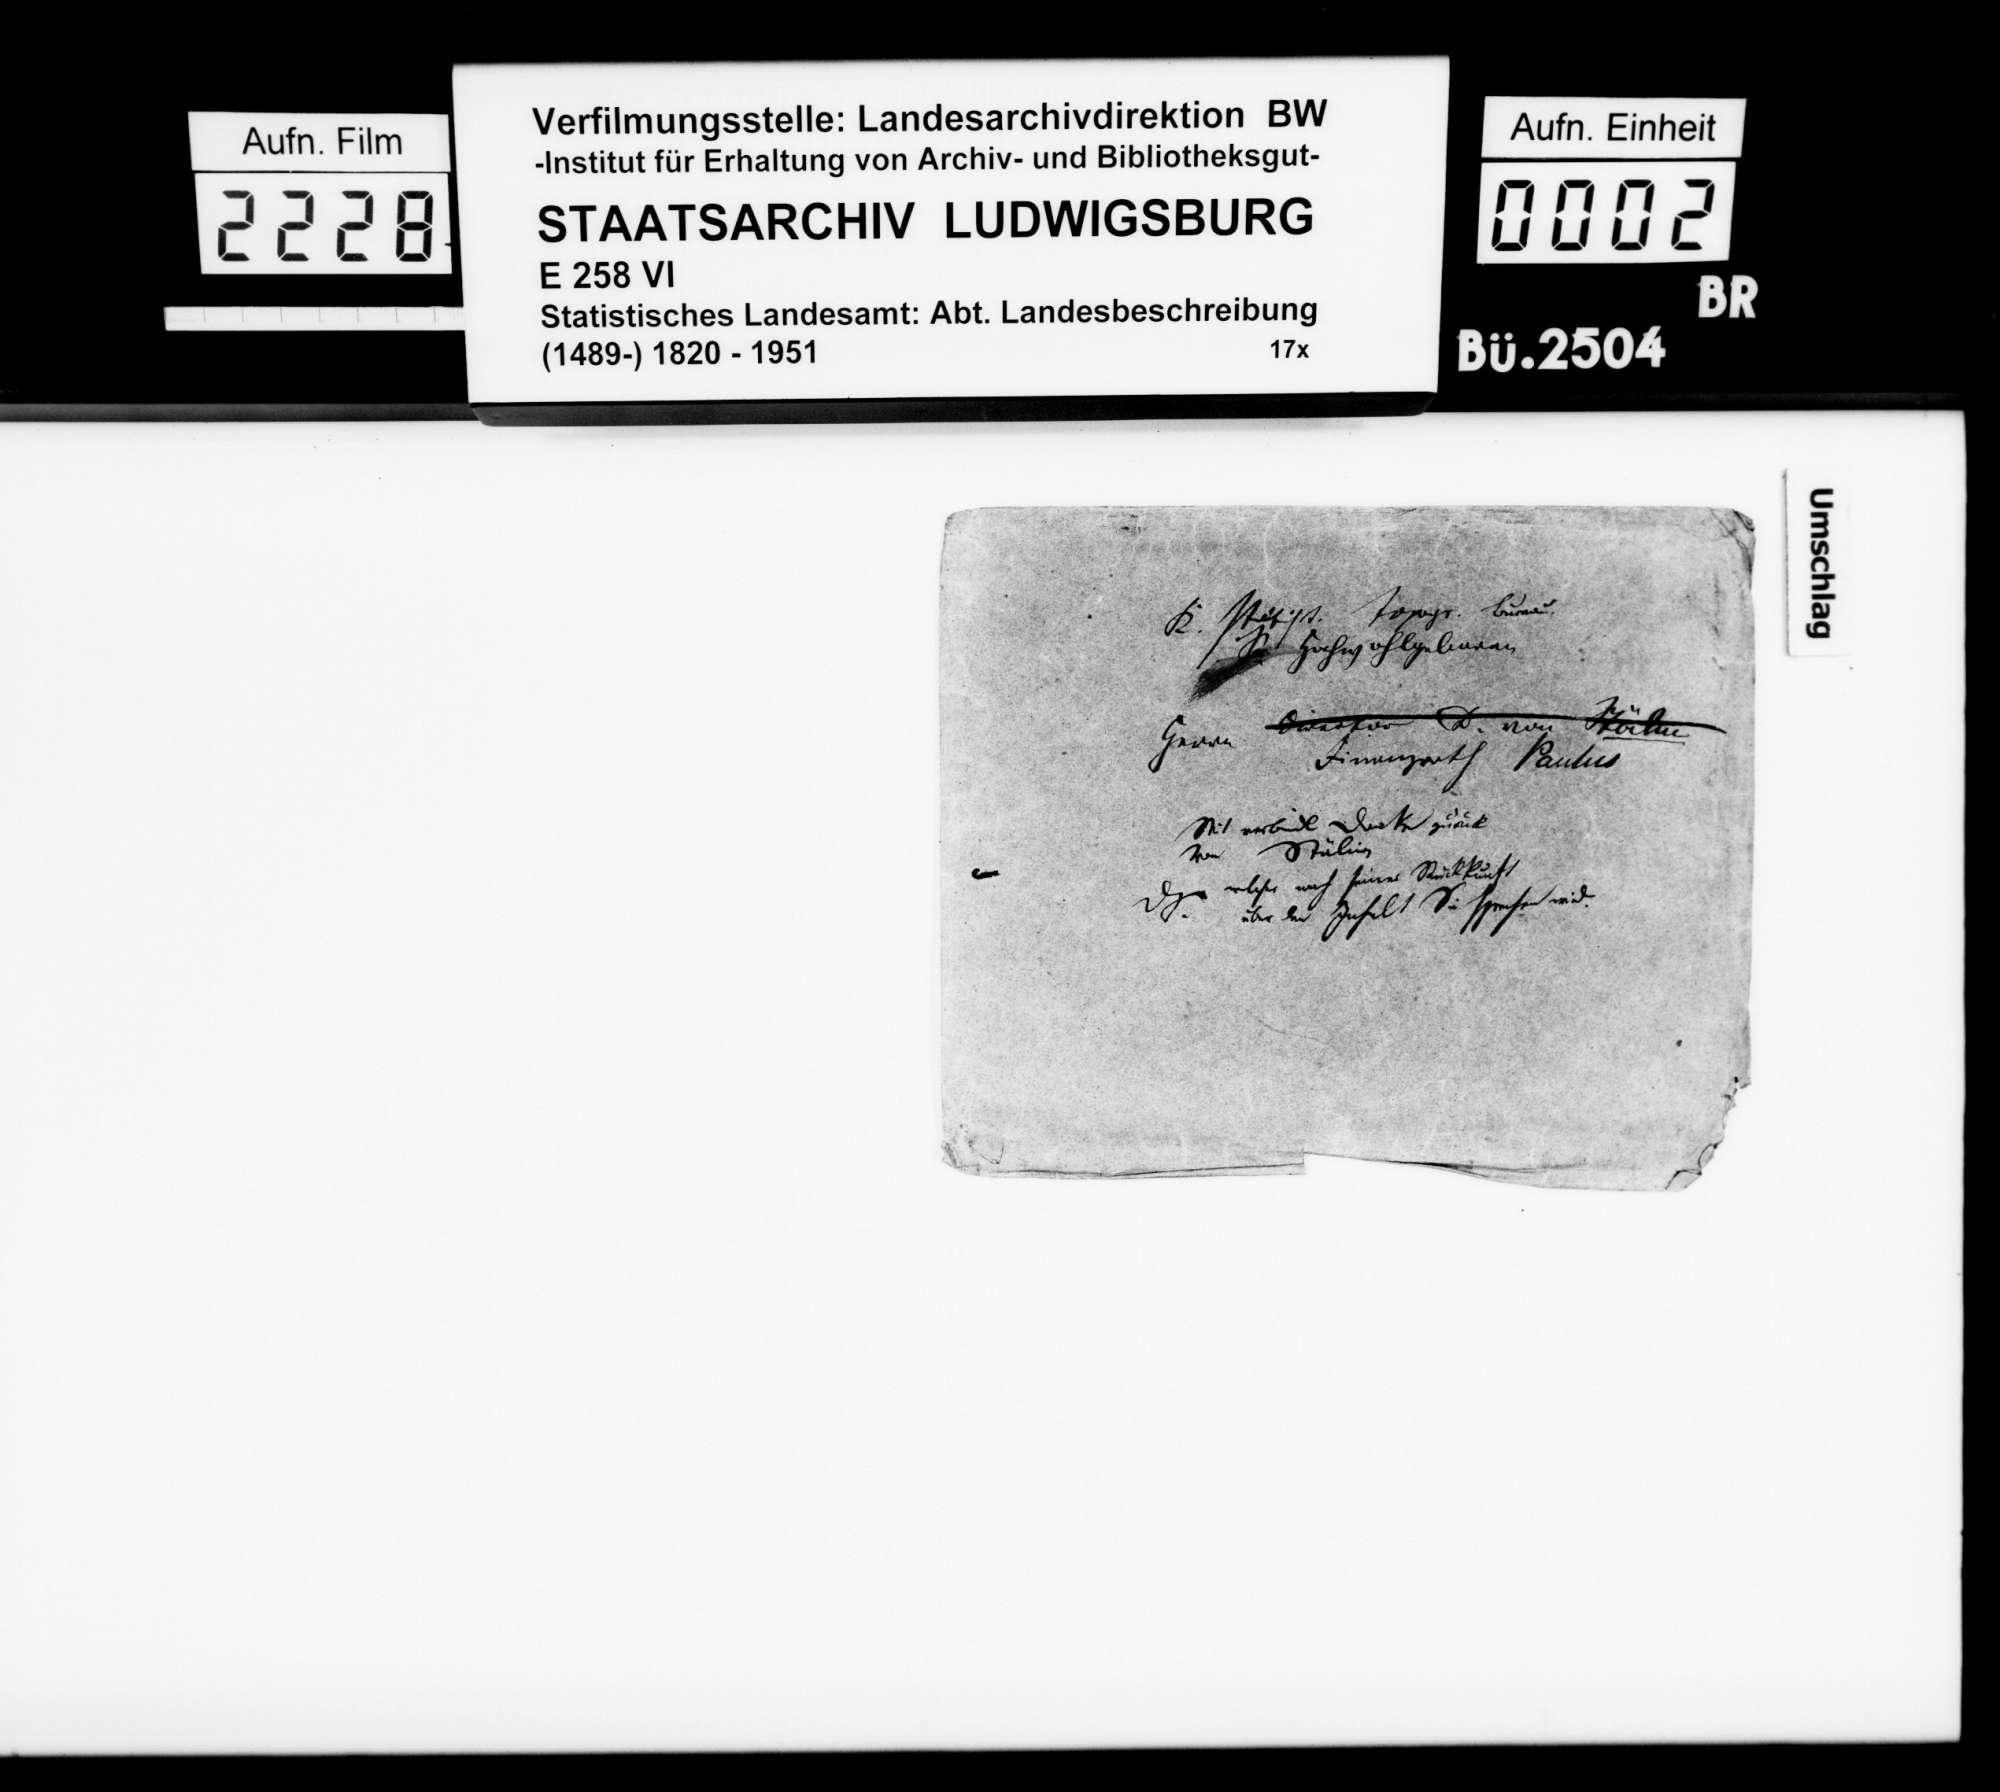 Übermittlung von Korrespondenz über Mitarbeiter und Hilfsmittel der OAB, von Finanzrat Karl Eduard Paulus an Bibliothekar Stälin, Bild 1